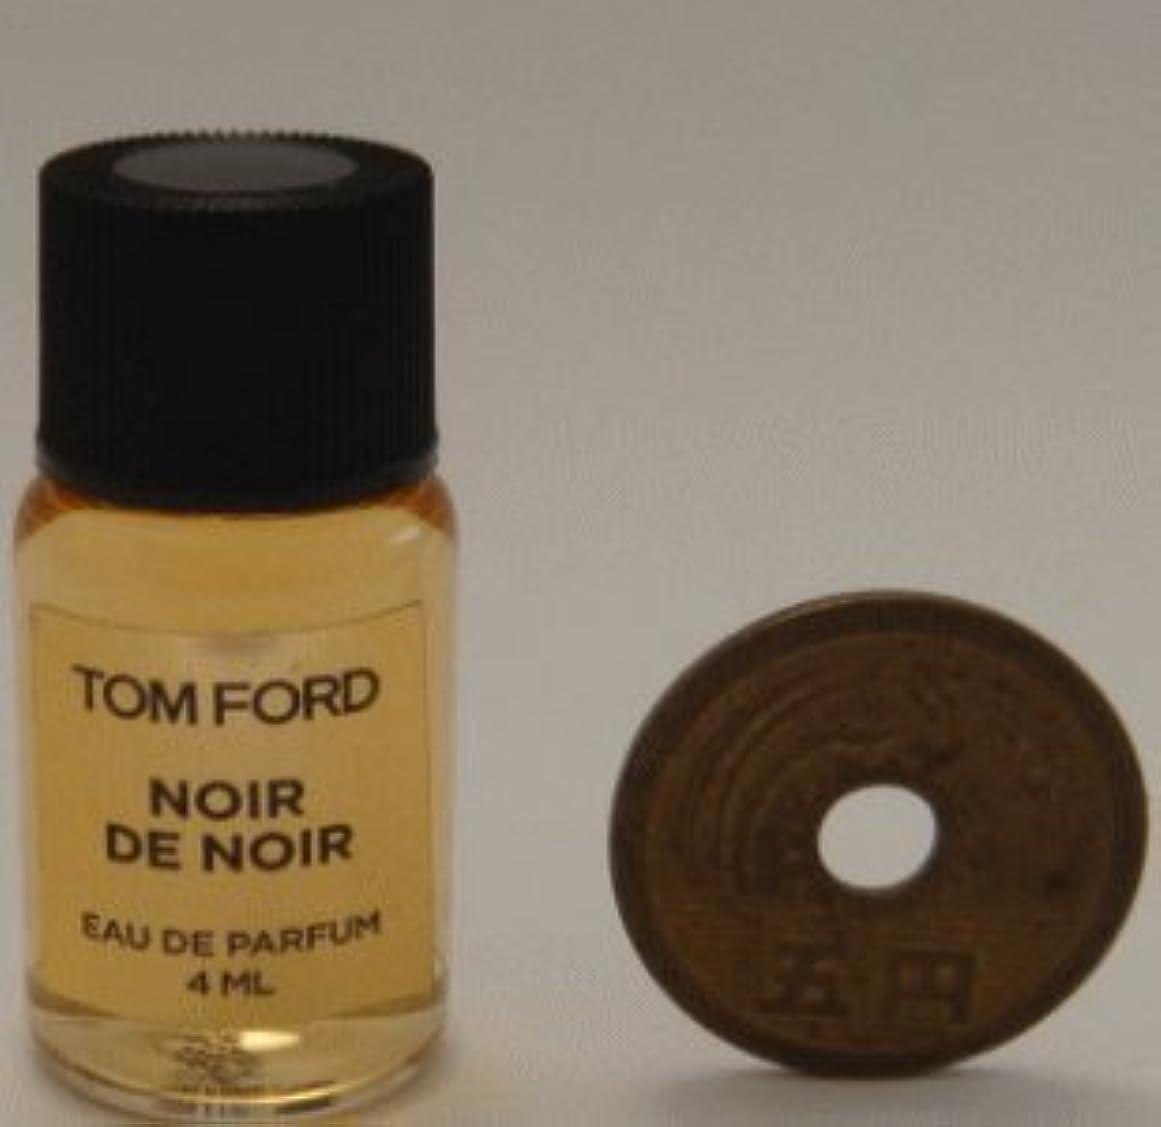 難しい肘掛け椅子最愛のTom Ford Private Blend 'Noir de Noir' (トムフォード プライベートブレンド ノアーデノアー) 4ml EDP ミニボトル (手詰めサンプル)